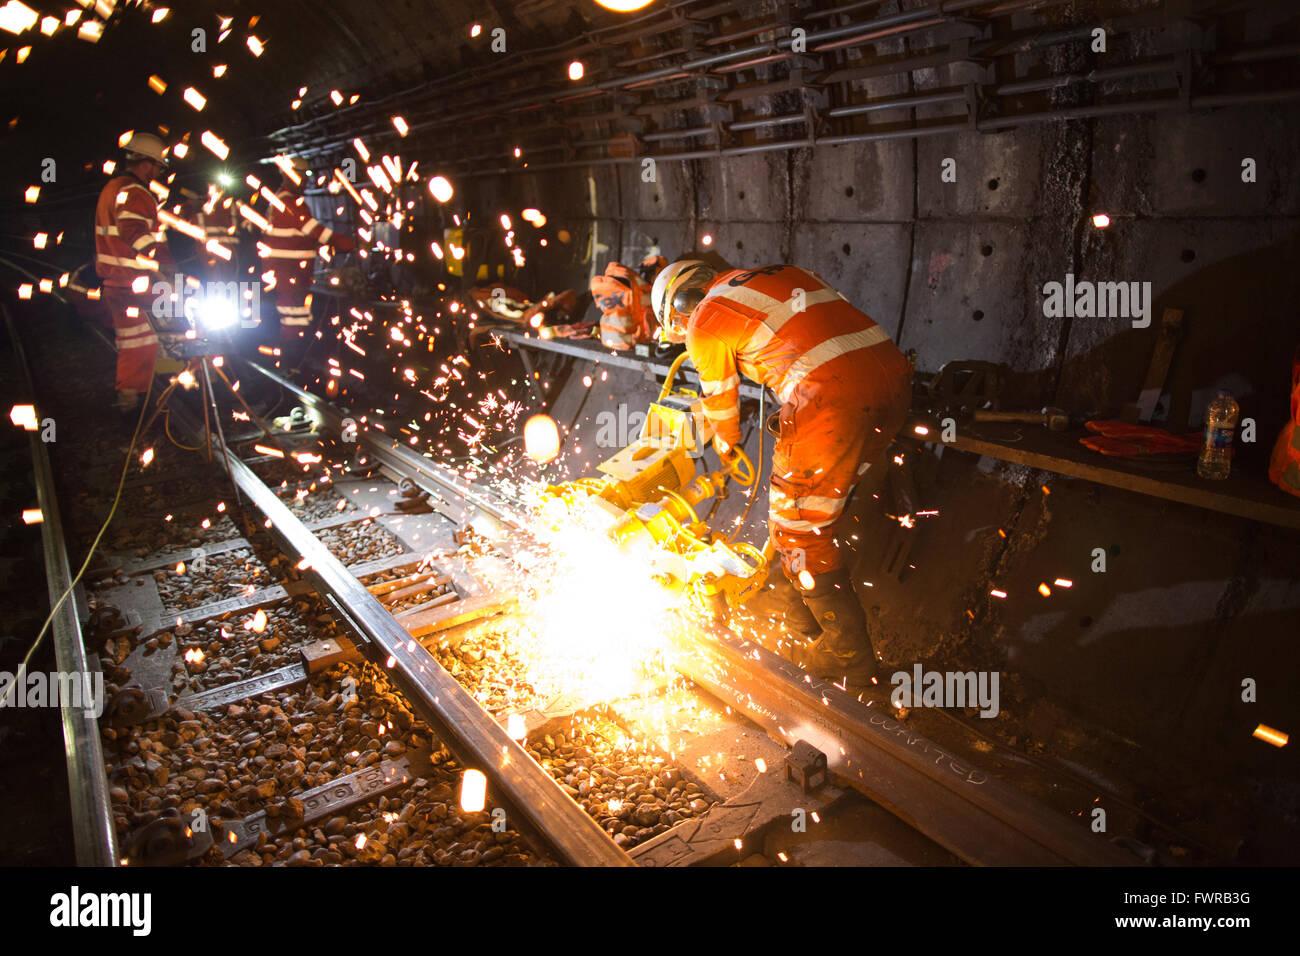 Ingenieure, die Schleifen Ersatz verfolgen Komponenten nach der Verwendung von Thermit Schweißen am Londoner Stockbild